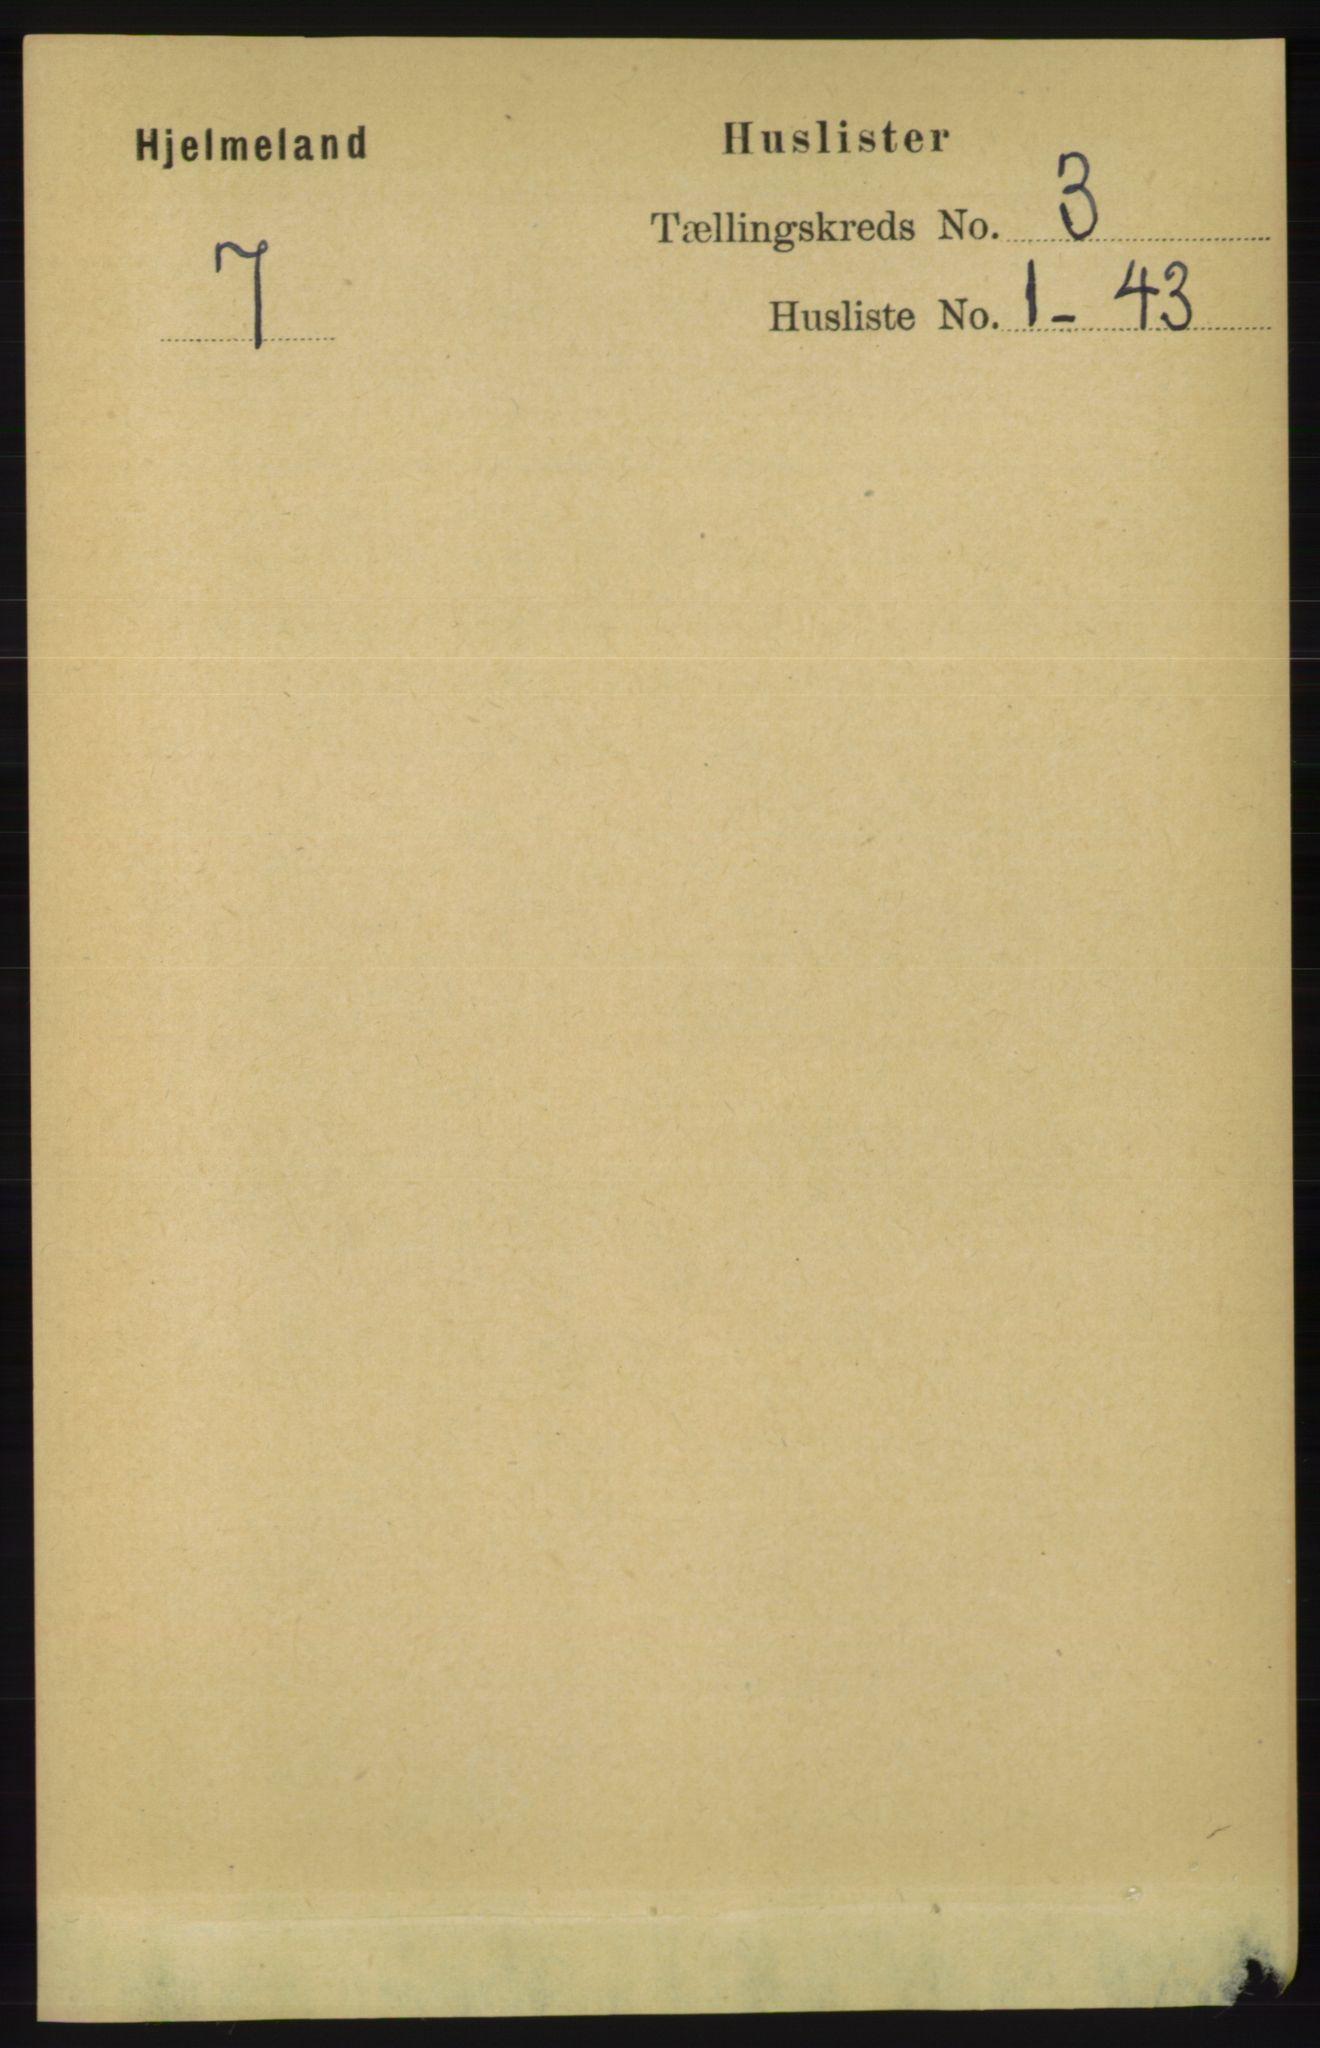 RA, Folketelling 1891 for 1133 Hjelmeland herred, 1891, s. 691